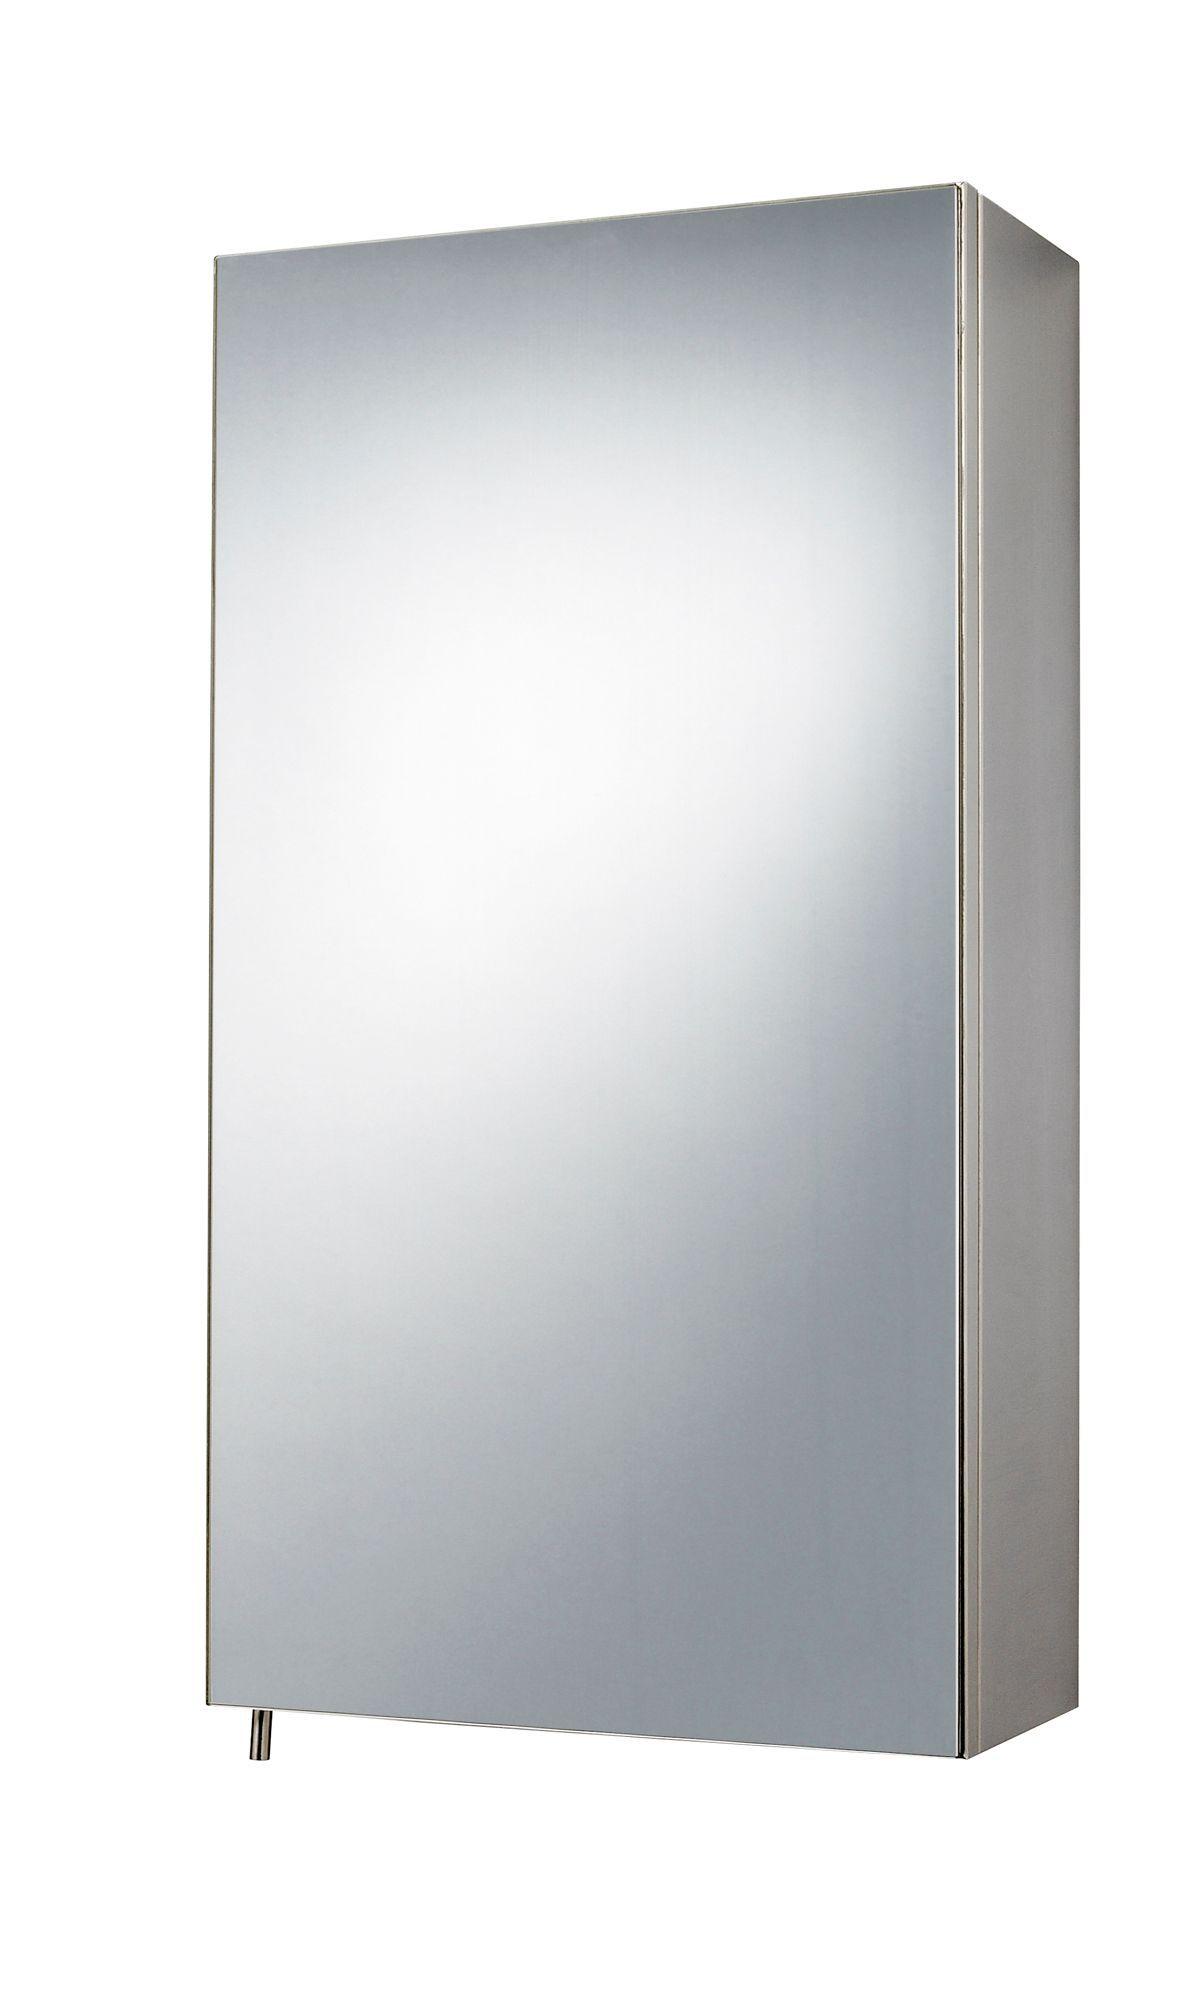 B&Q Fonteno Single Door Silver Mirror Cabinet | Mirror cabinets ...